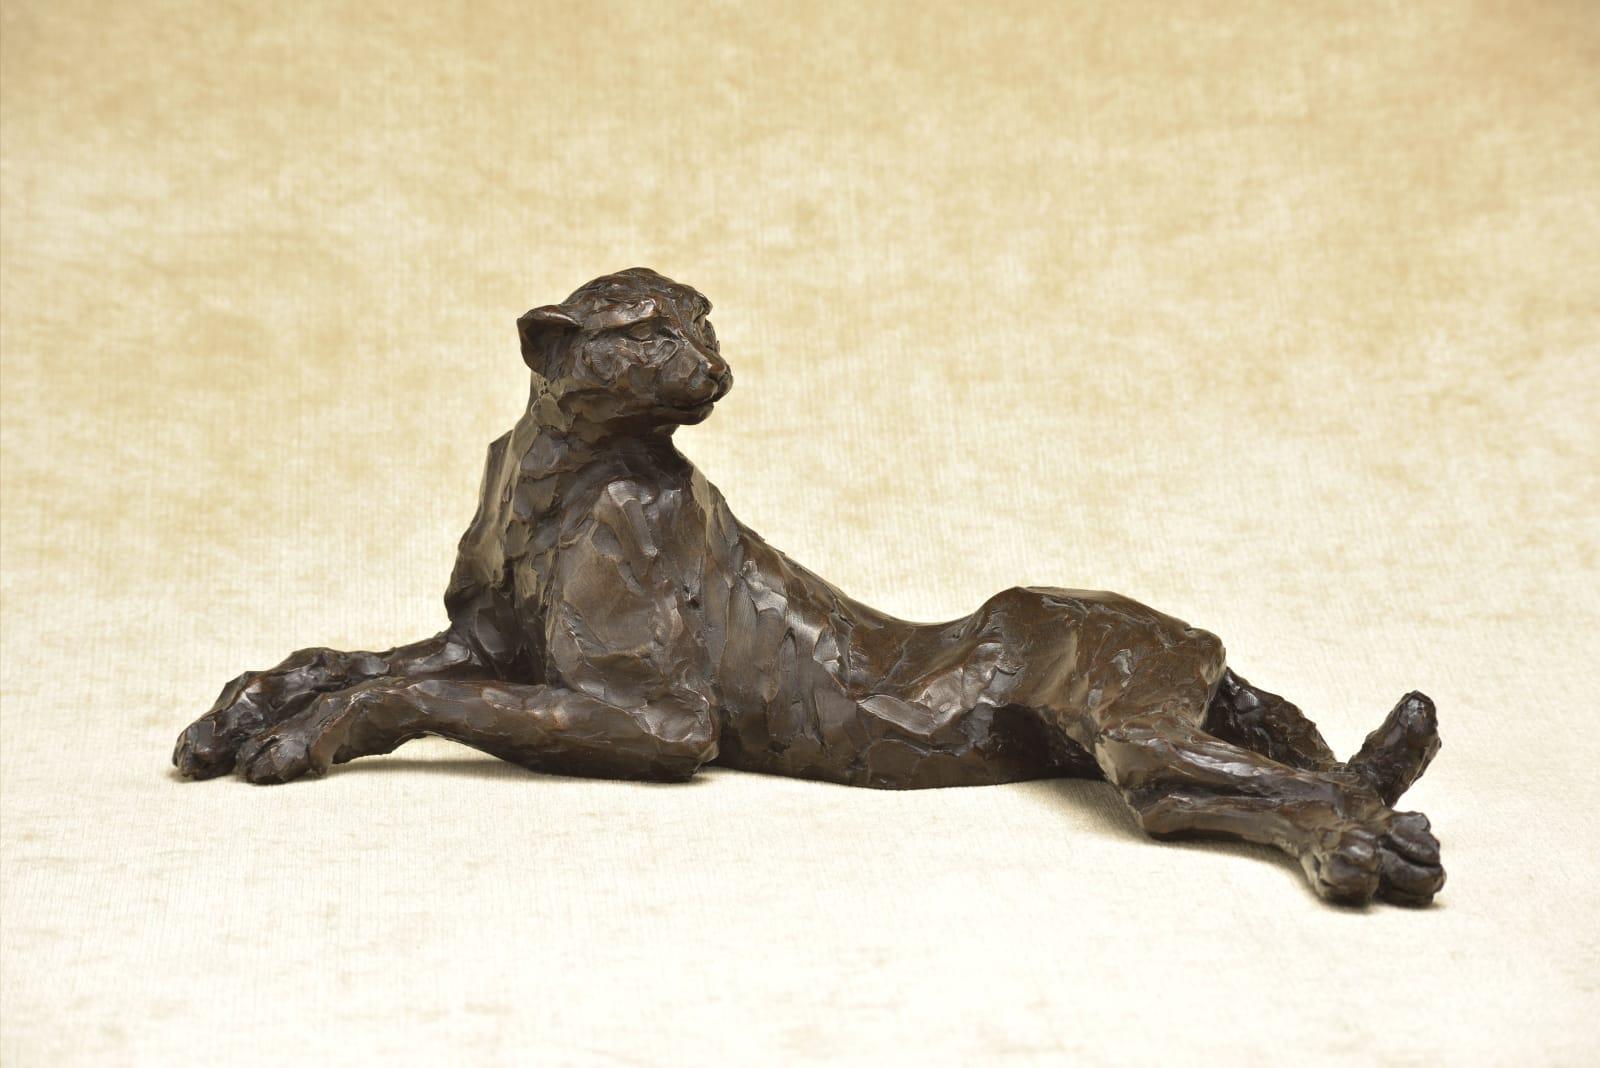 Tarangire Cheetah, Resin Bronze, £775. Awaiting the Bronze Price